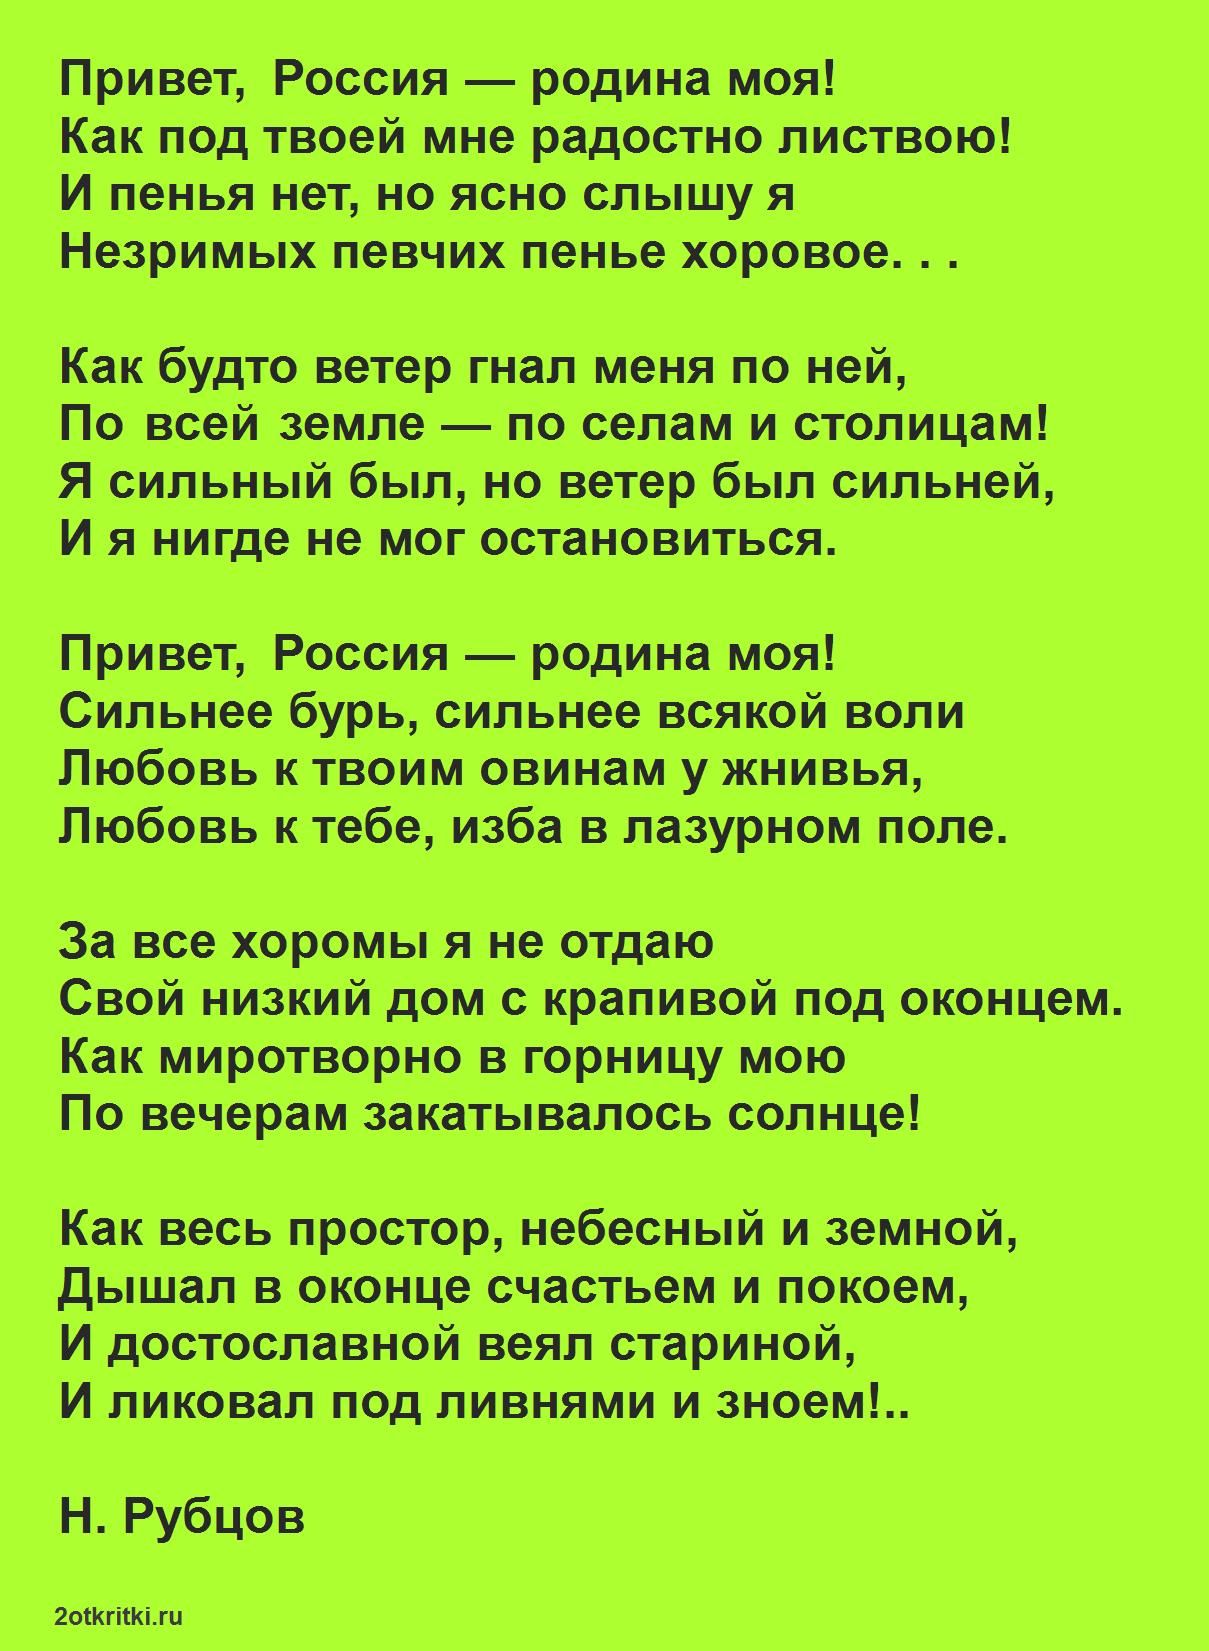 День России, стихи короткие